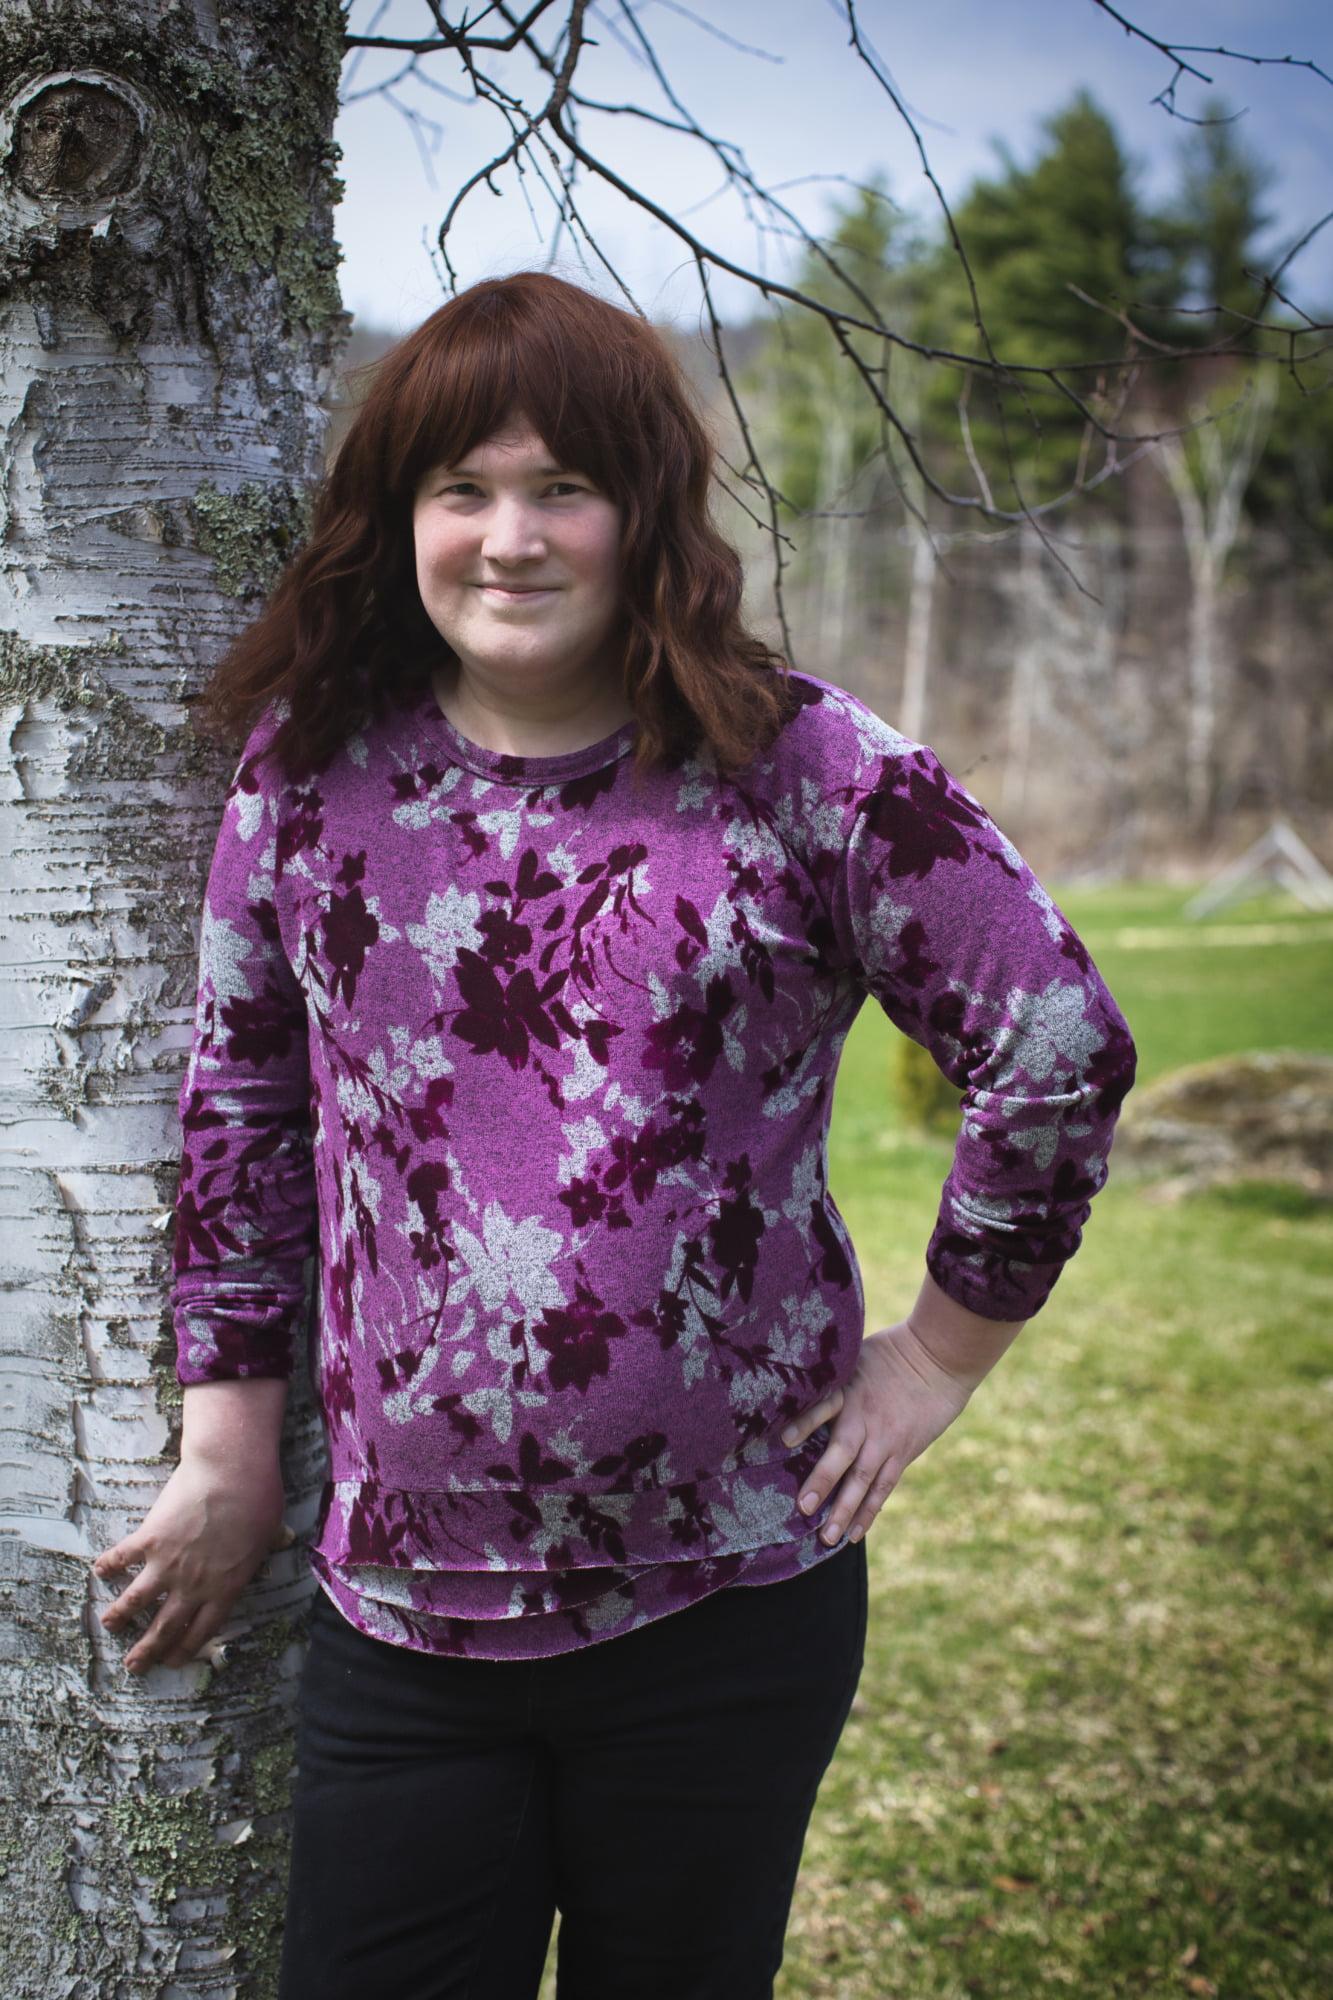 Amelia Desertsong's Tree Portrait